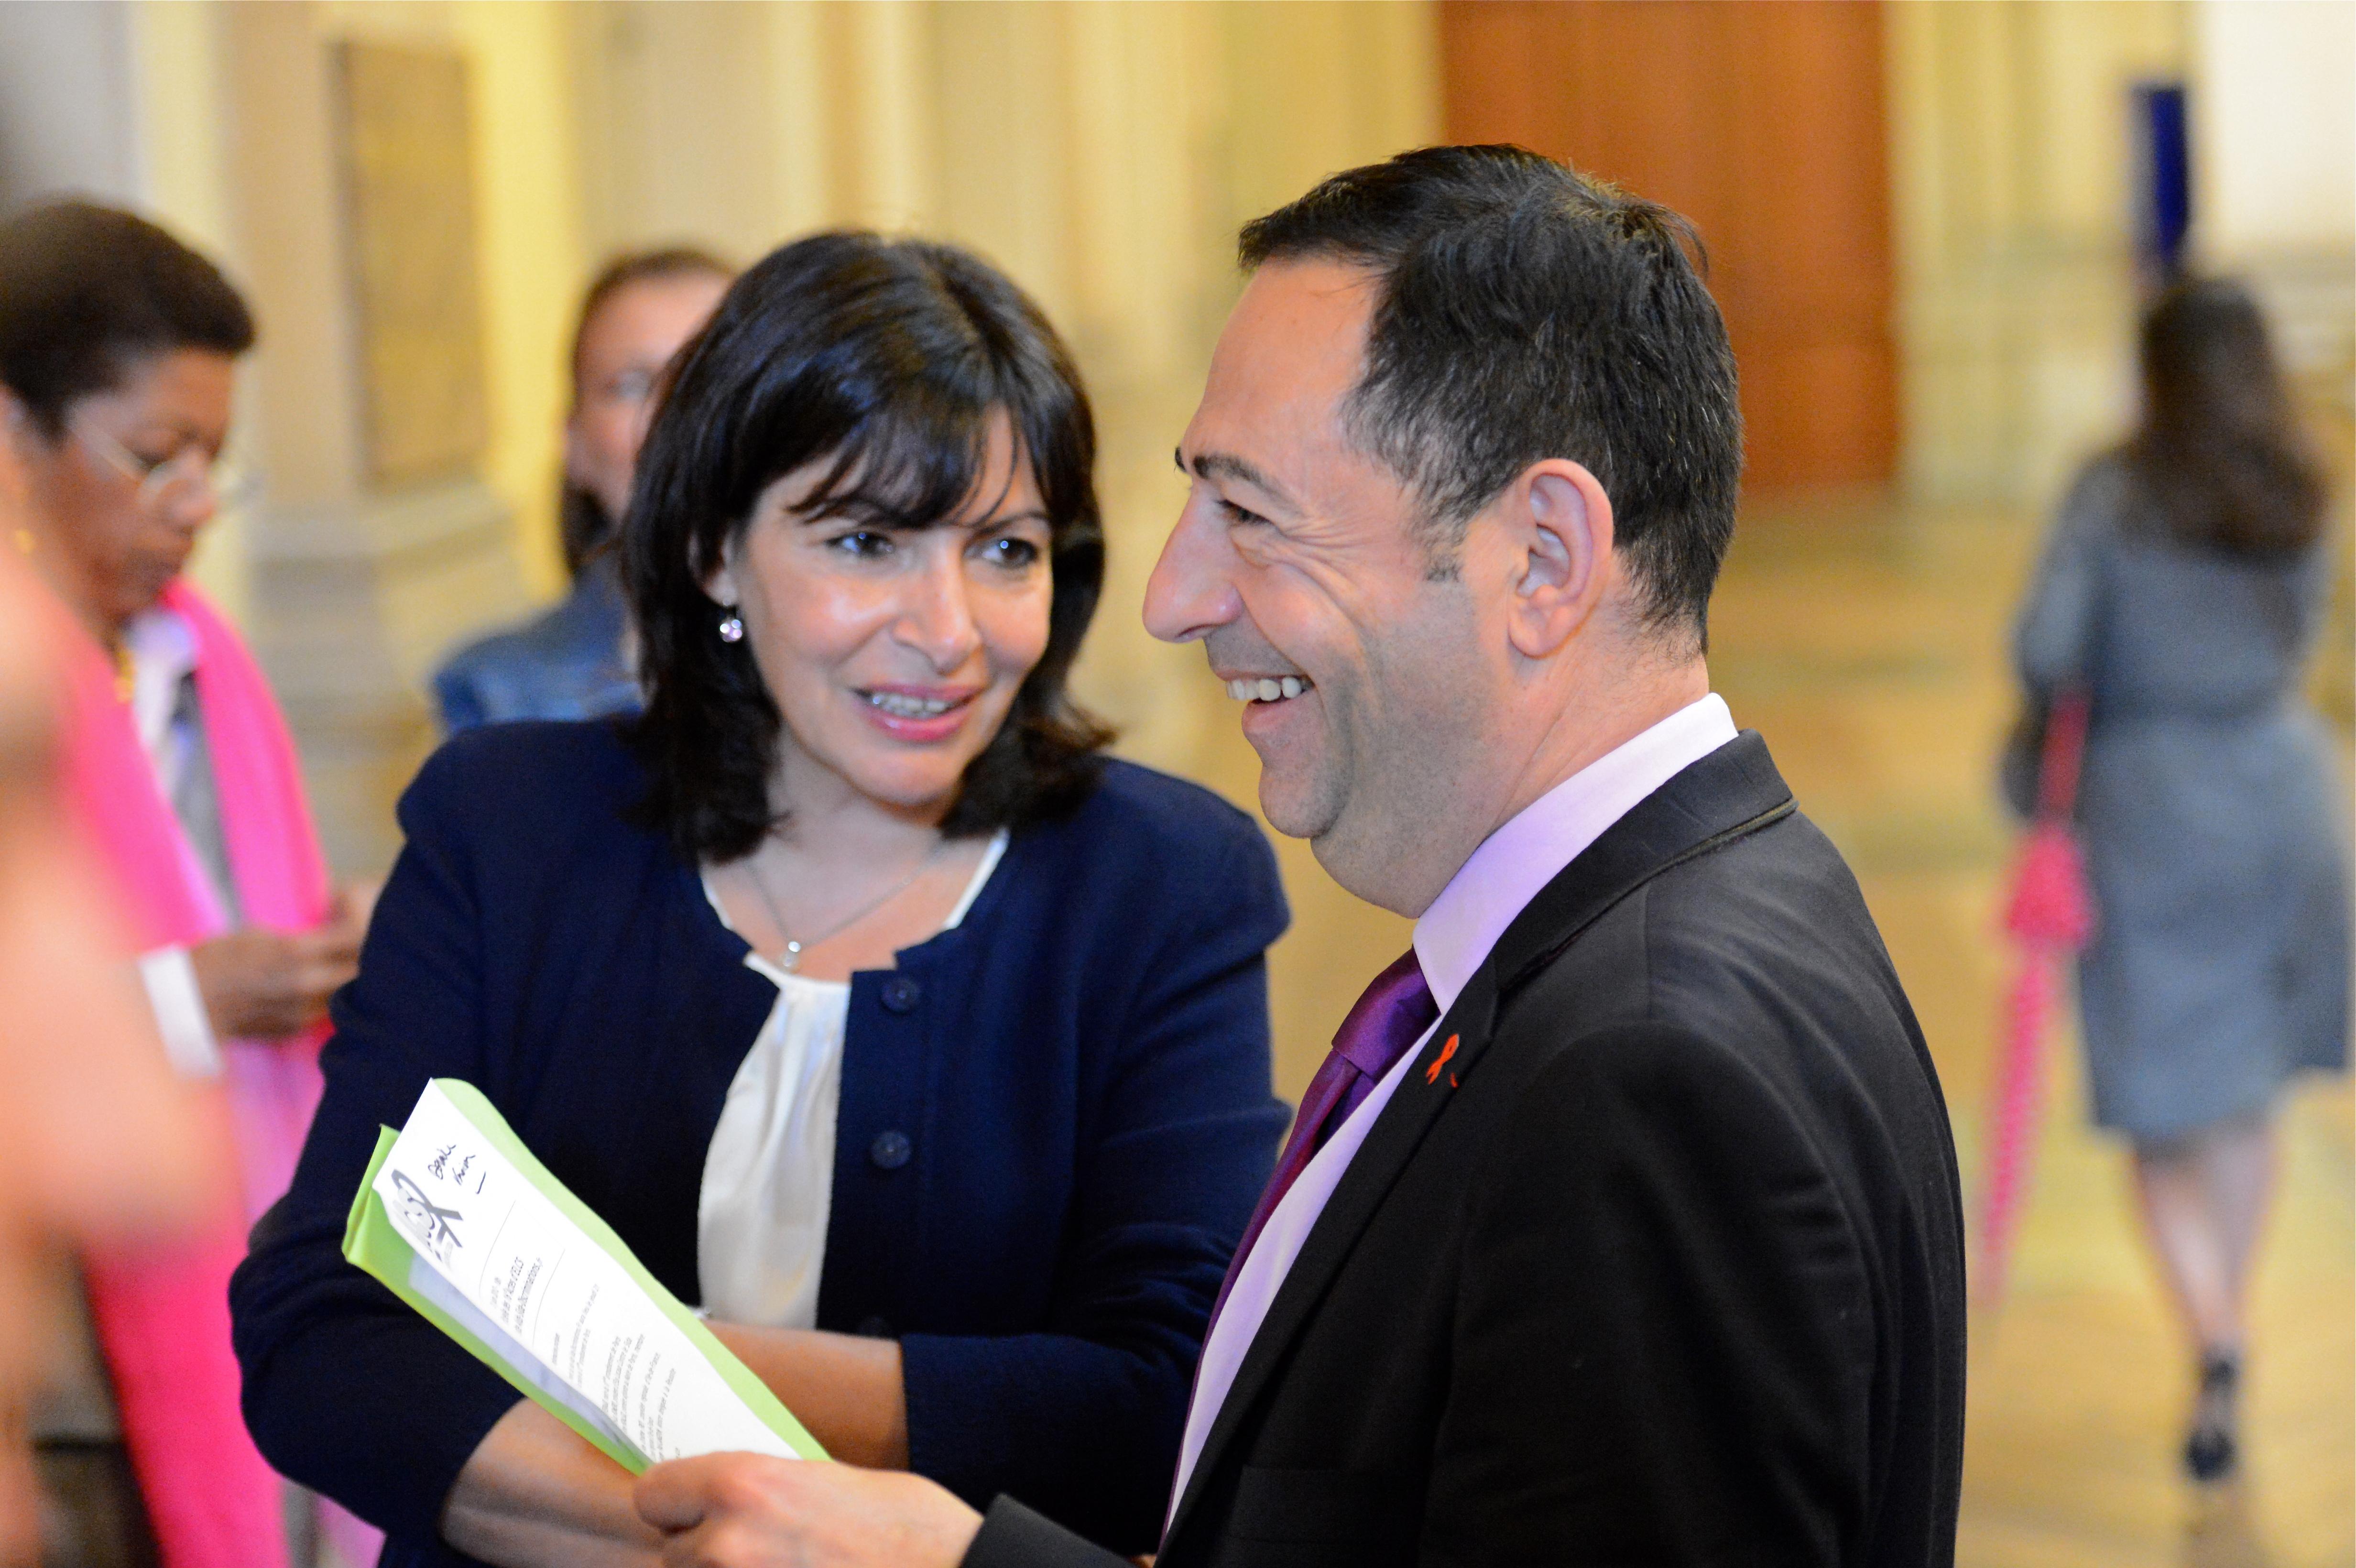 Hidalgo présente les personnalités d'ouverture de ses listes à Paris, avec Jean-Luc Romero dans le 12e- Le Monde